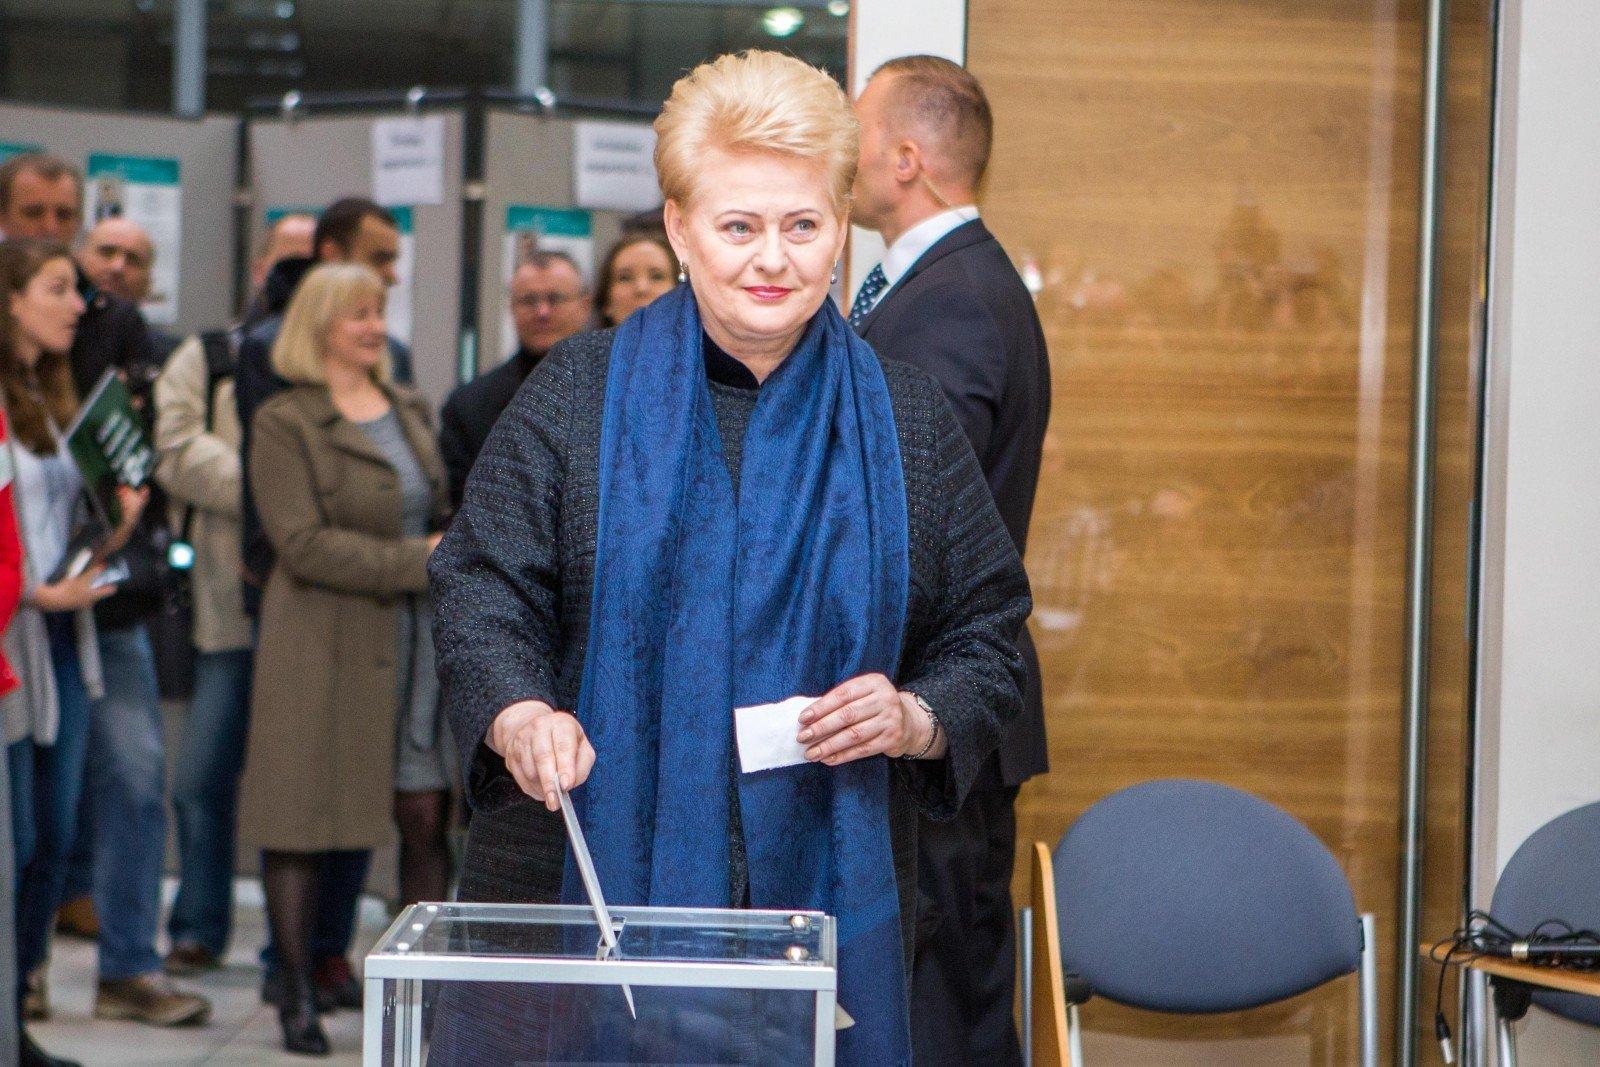 ВЛитве началось предварительное голосование навыборах впарламент